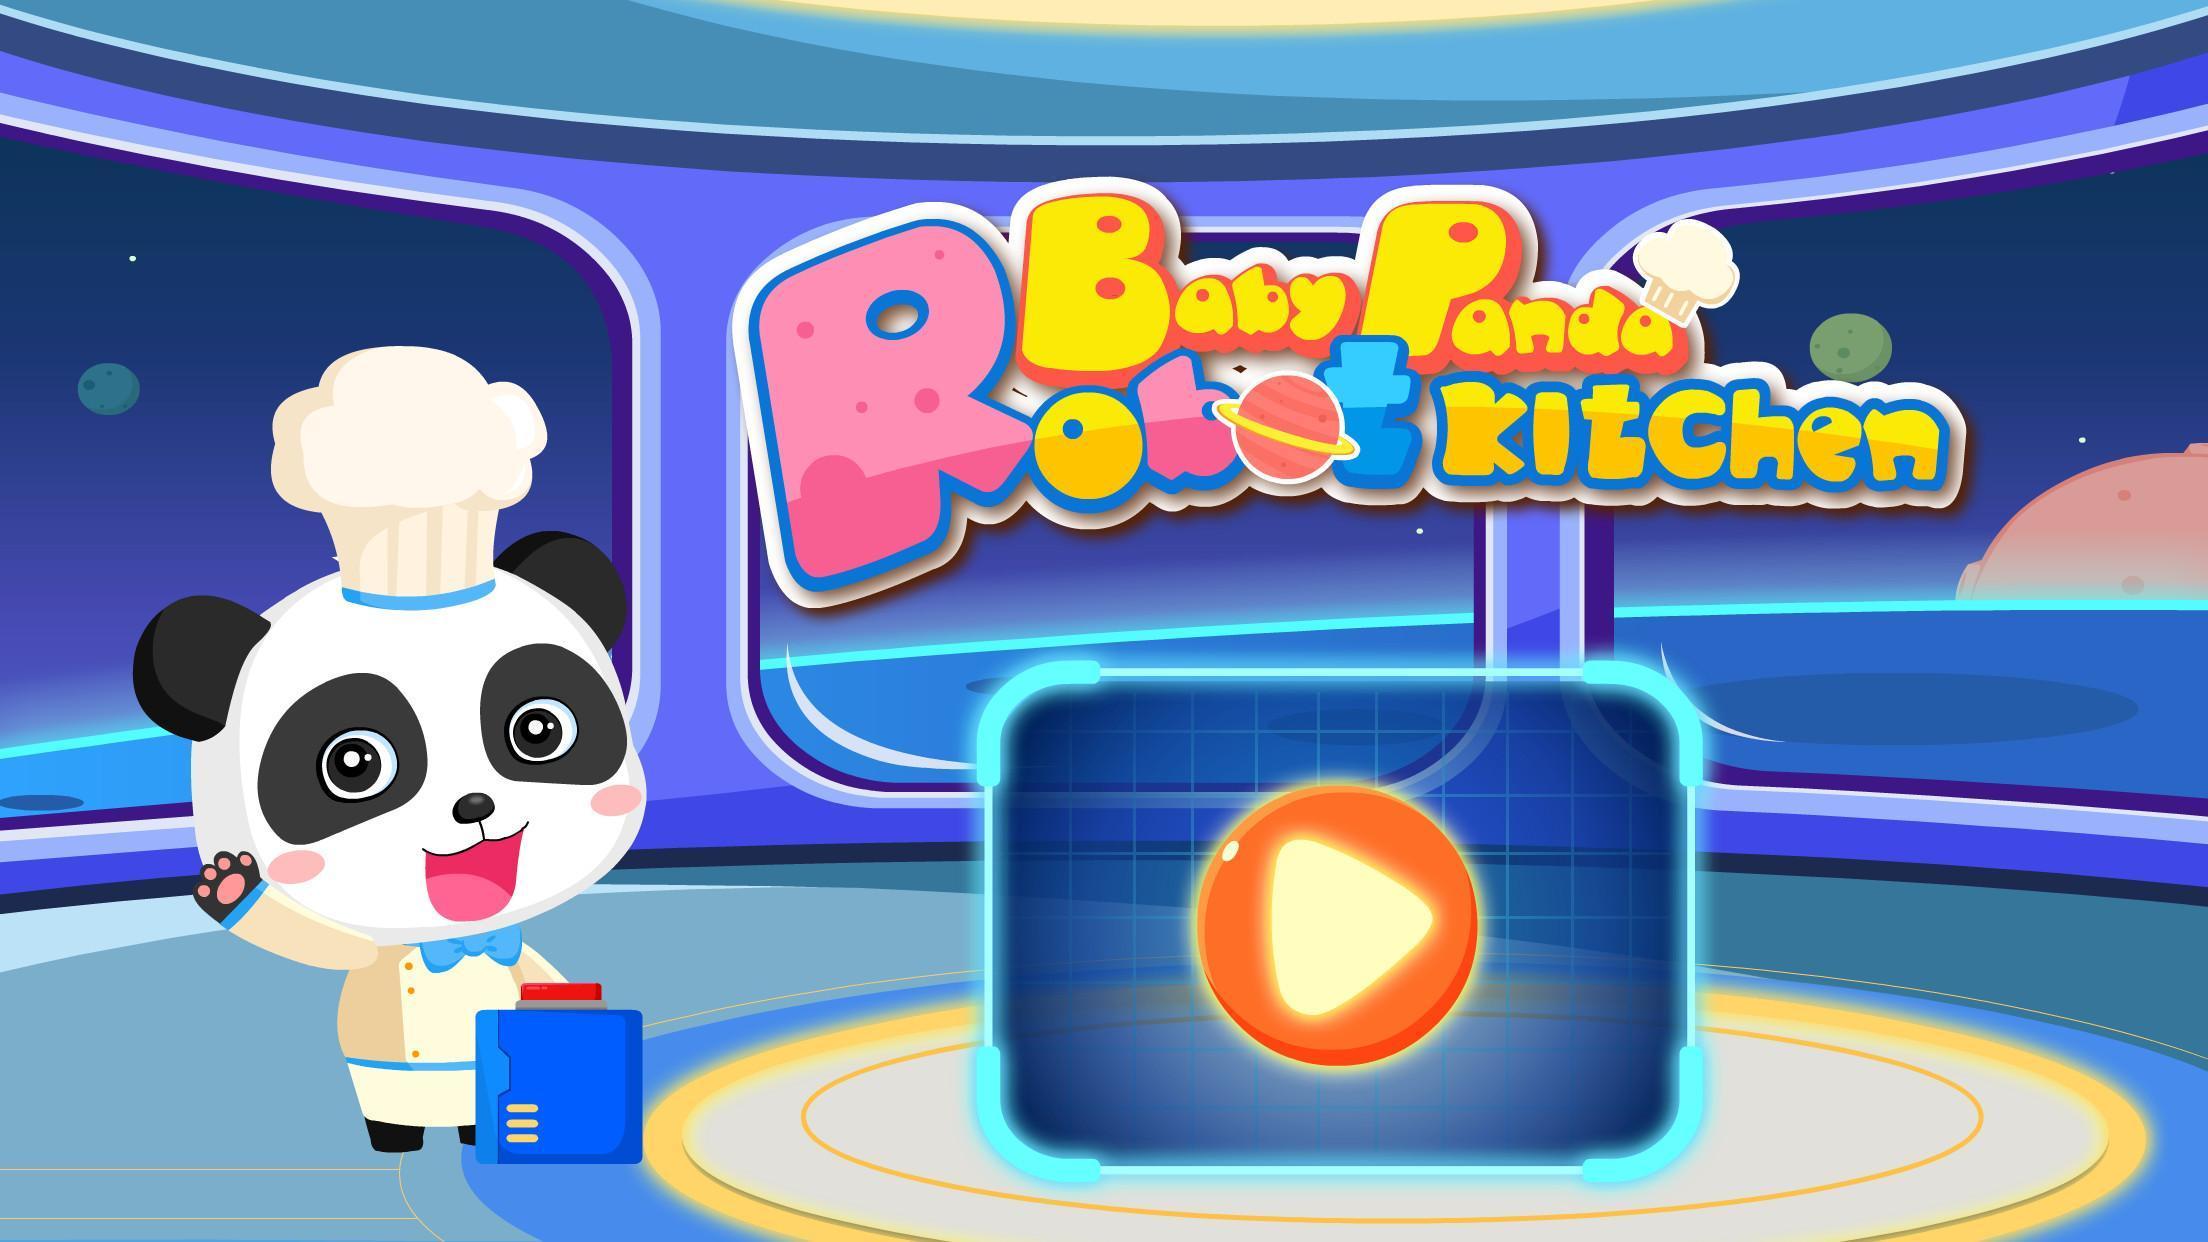 Robotyczna Kuchnia Małej Pandy Dla Dzieci For Android